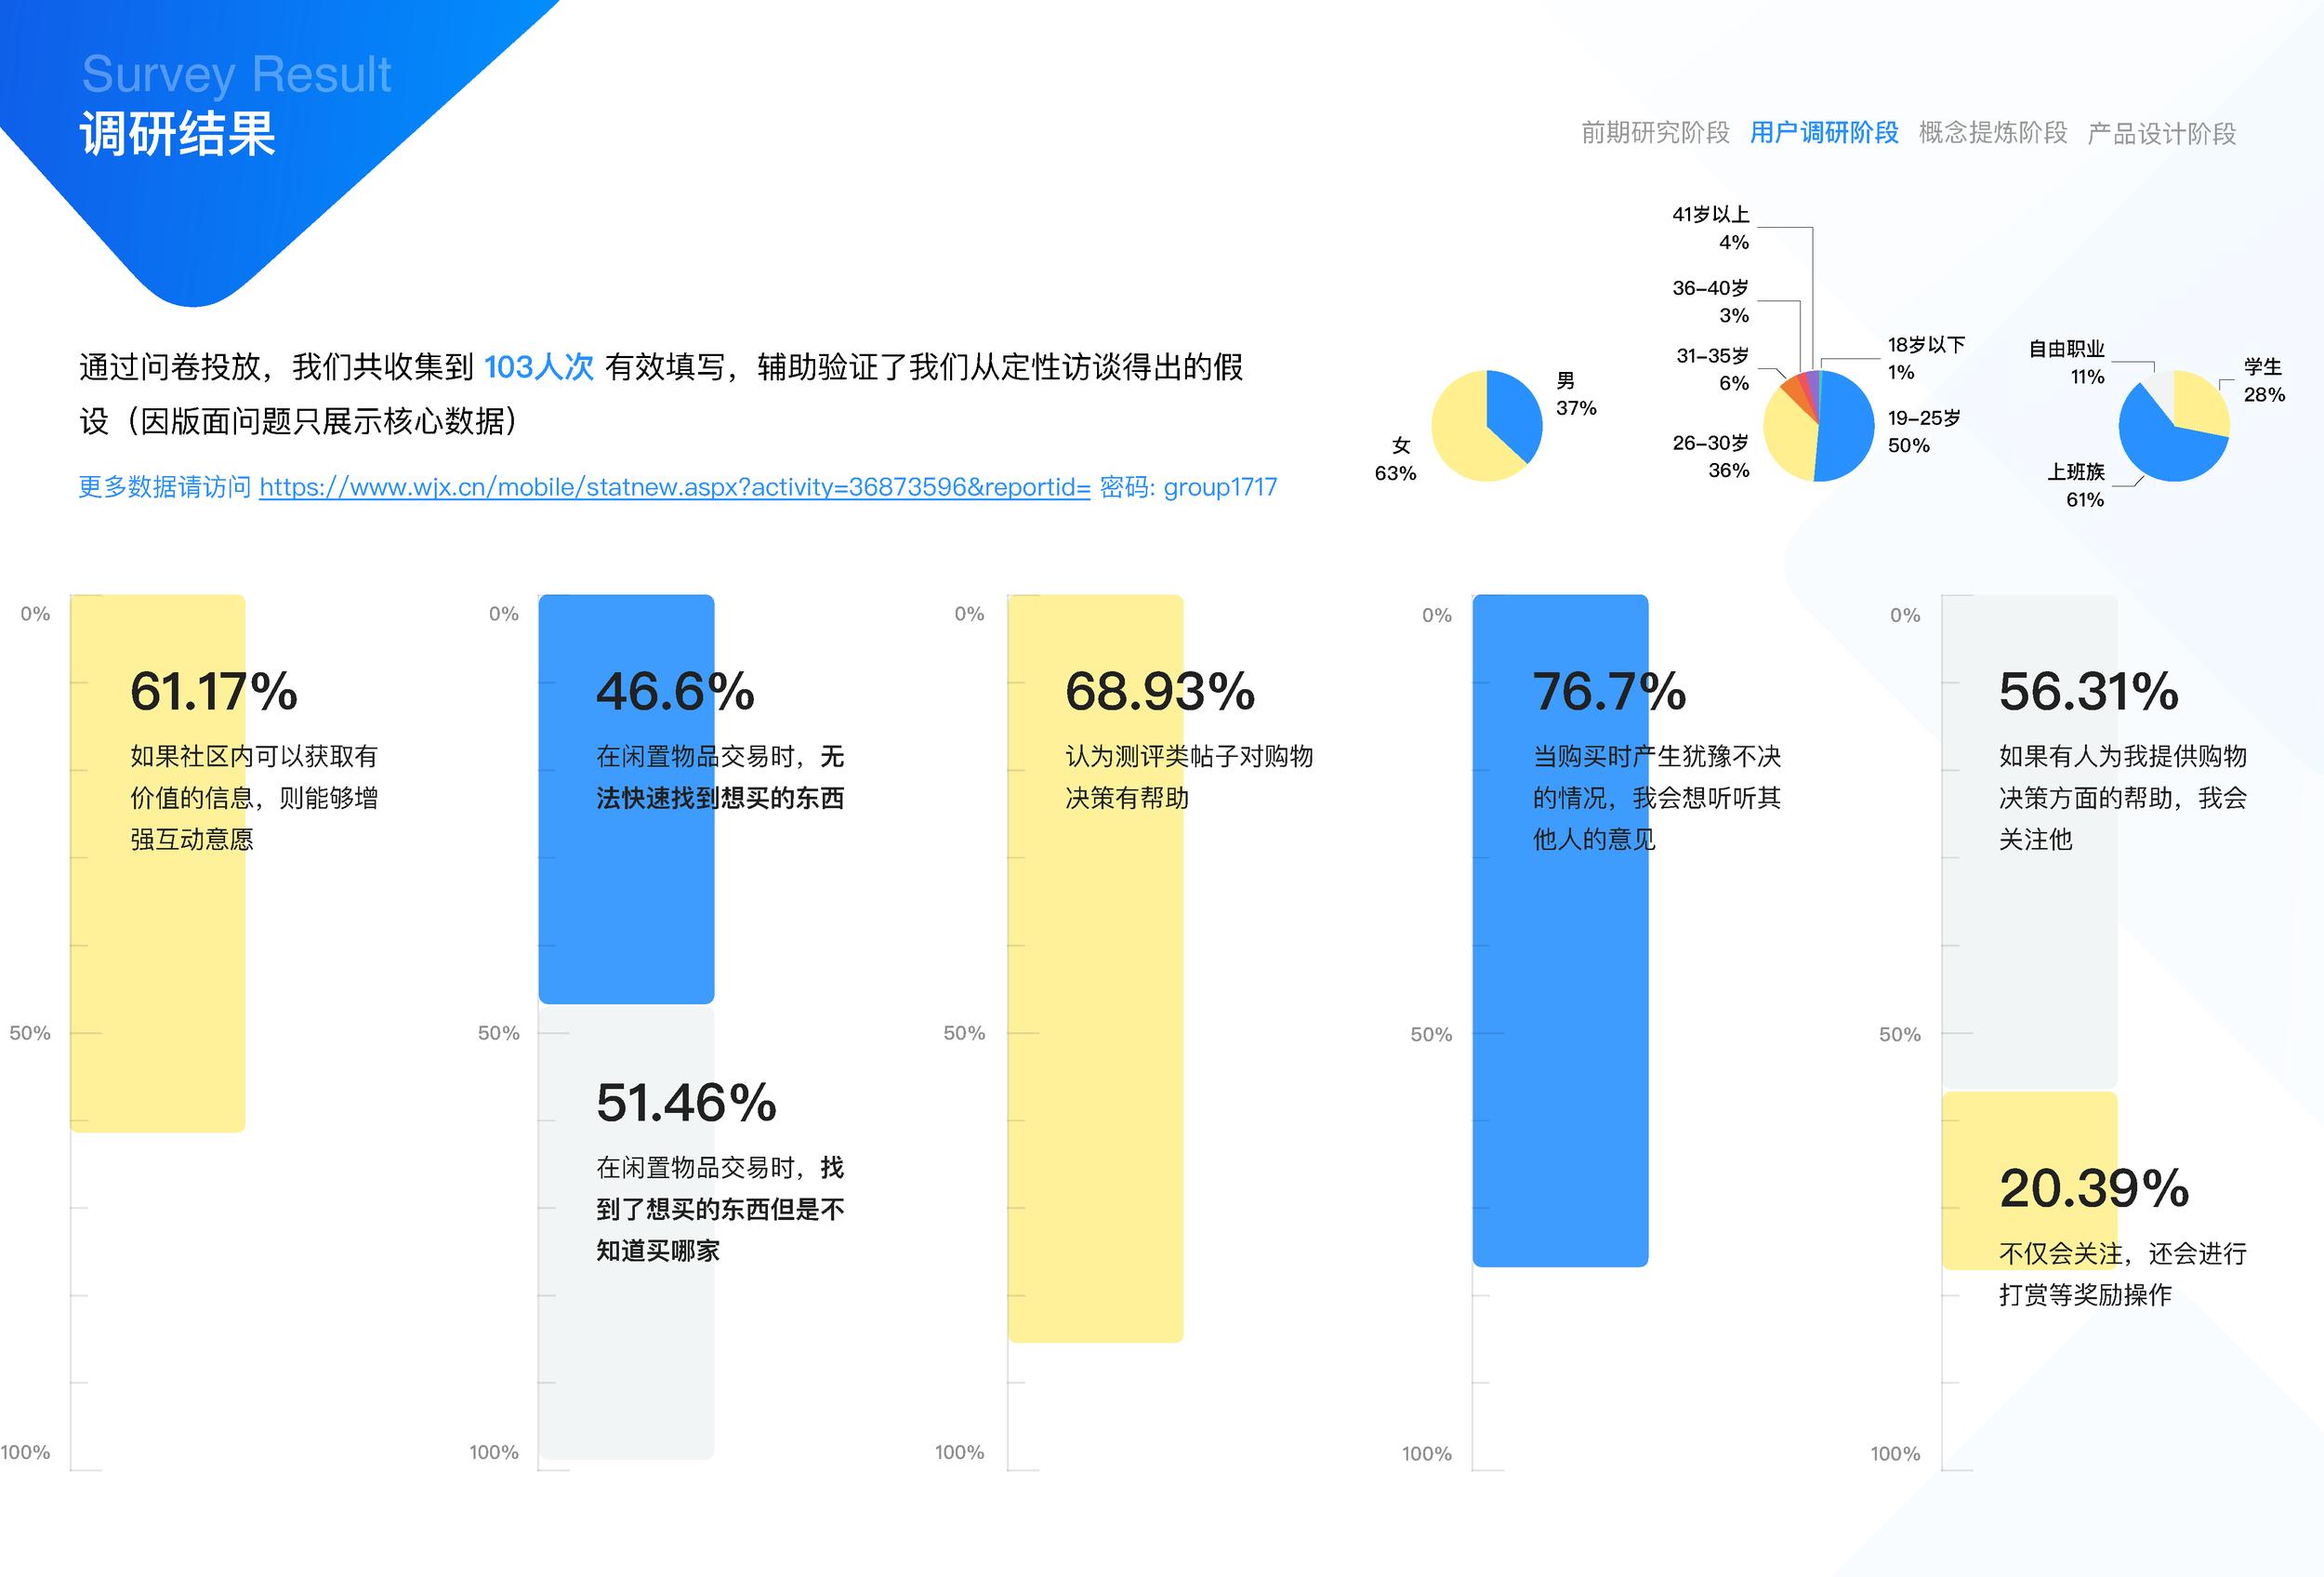 闲鱼社区互动设计(17小组油猫饼)_页面_12.png